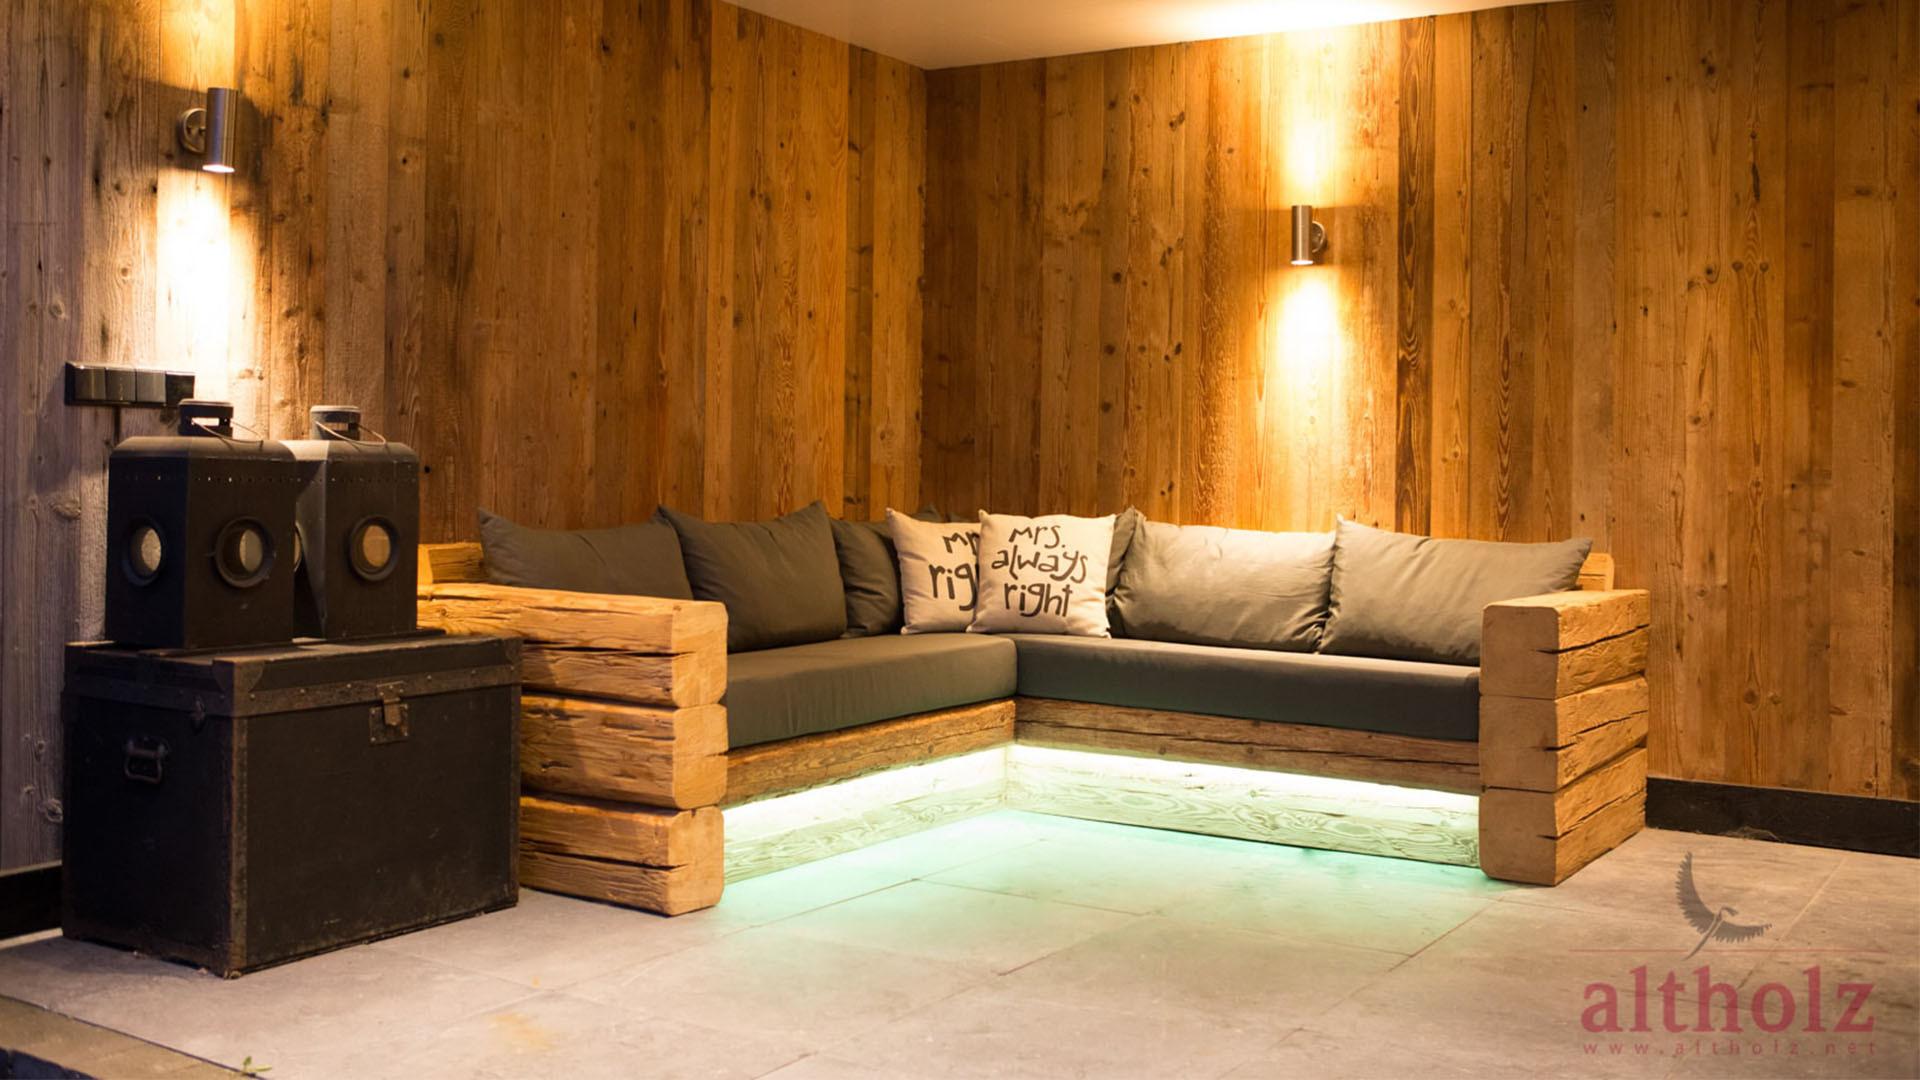 Altholz Bauer Raumgestaltung Seit 1975 Fliesen Boden Decken Und Gardinen